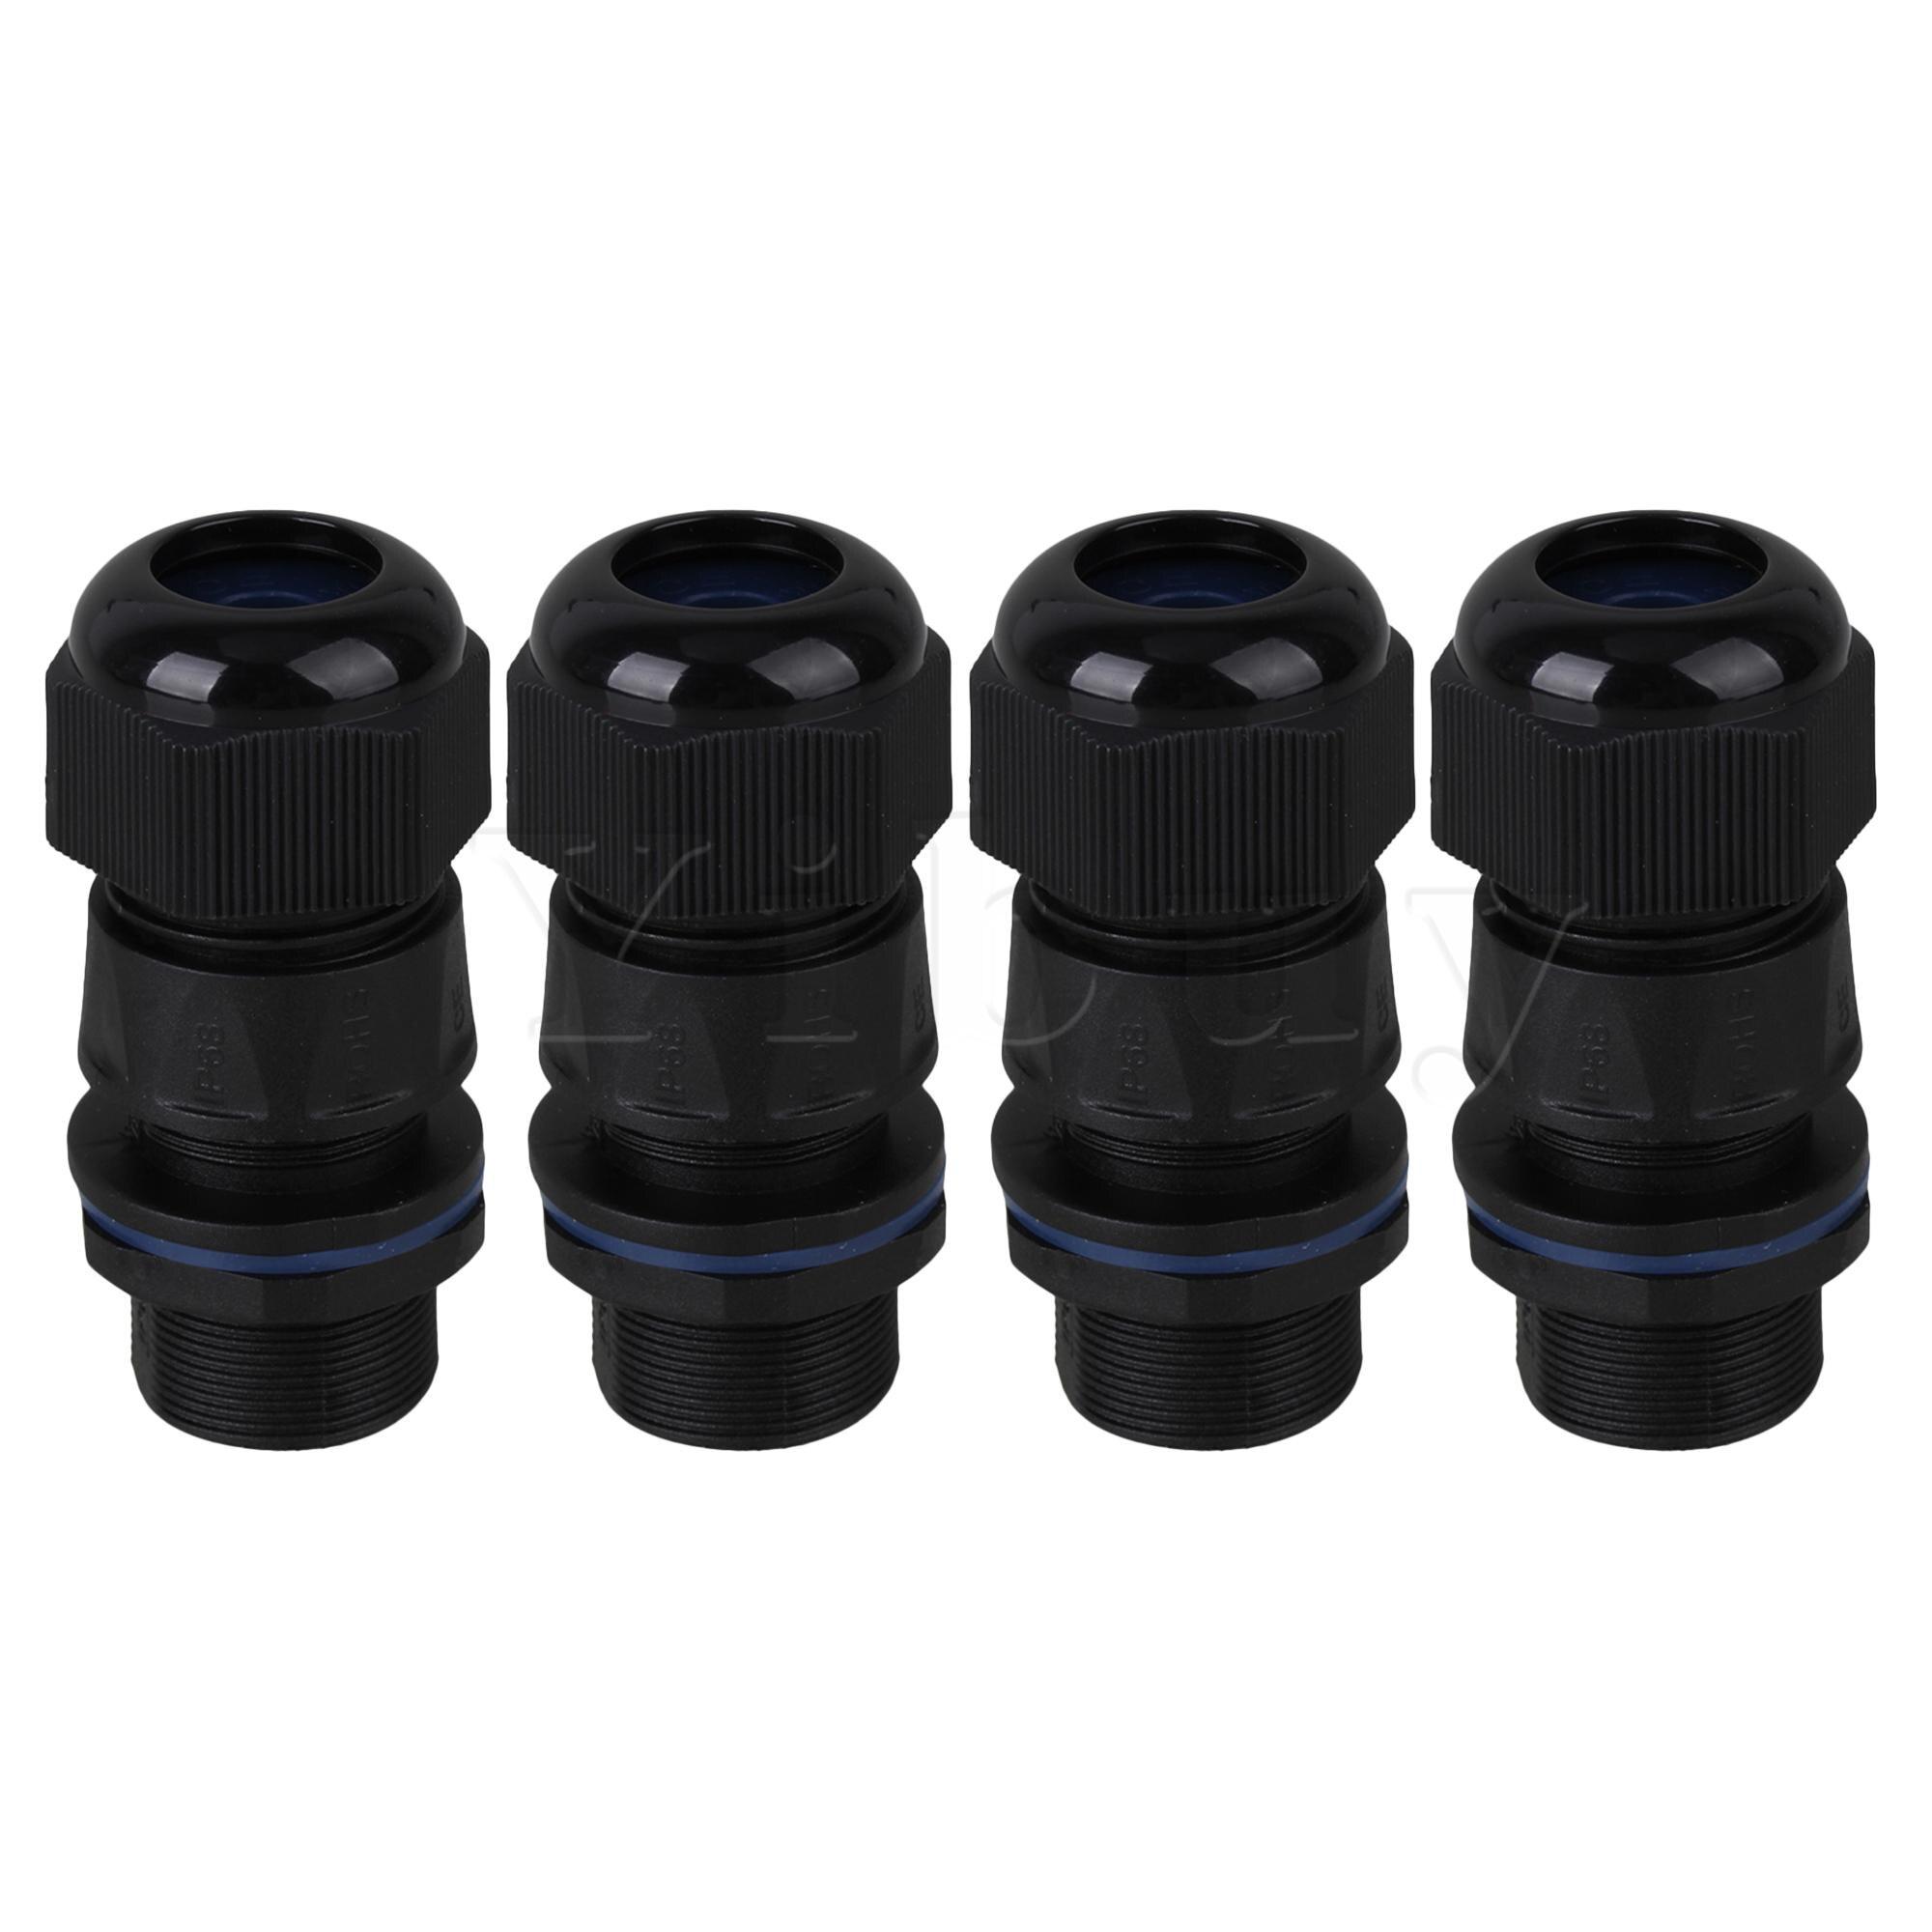 4 × أسود M20 موضوع لوحة كابلات الموصلات اللوازم الصناعية RJ45 IP68